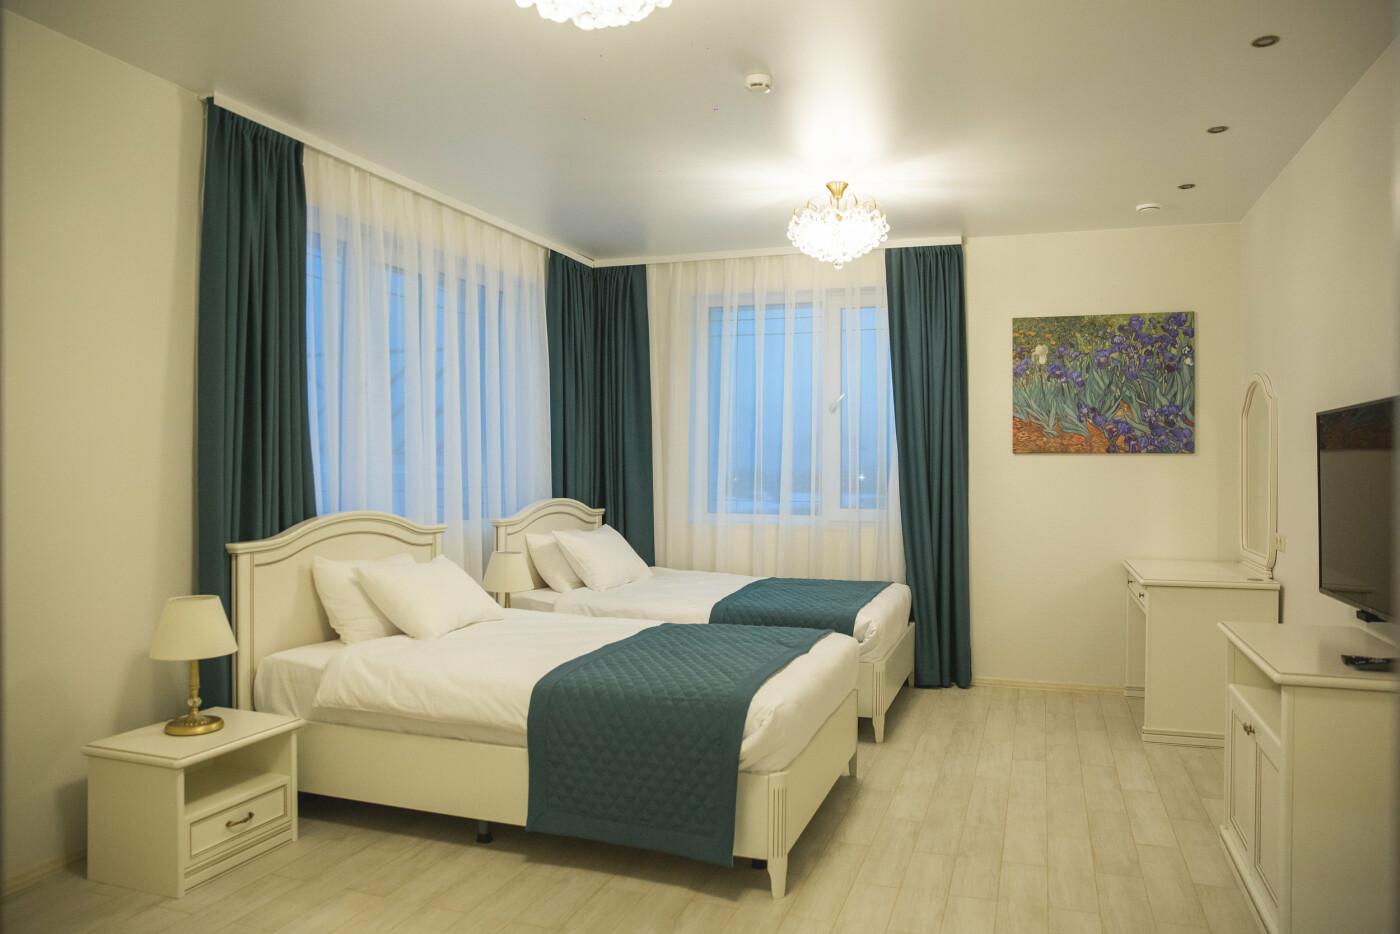 Новая гостиница открылась на Камчатке, фото-4